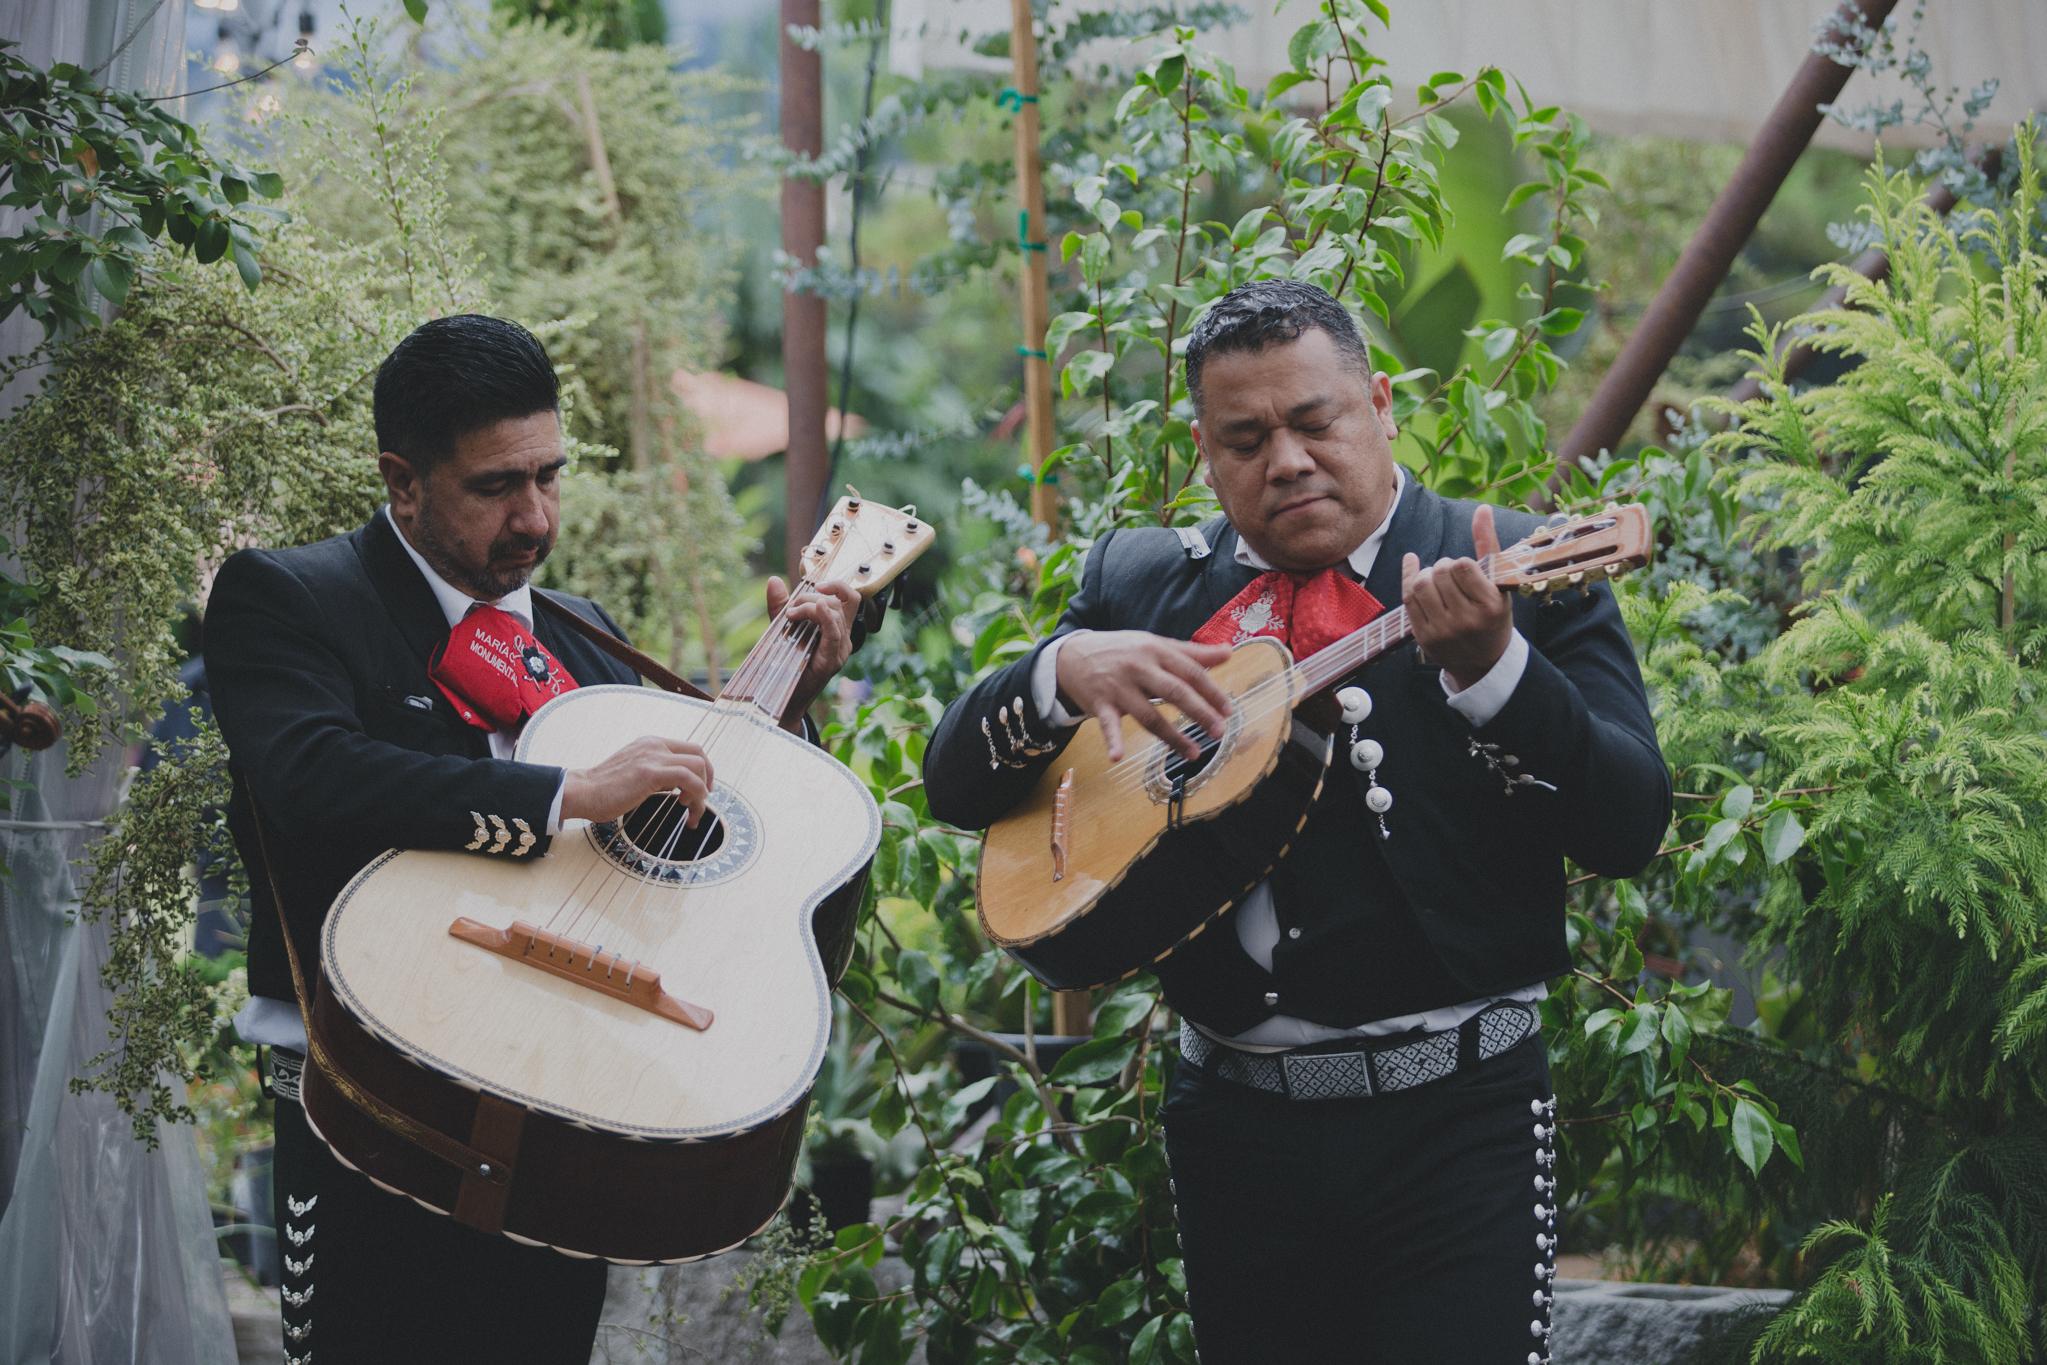 mariachiband